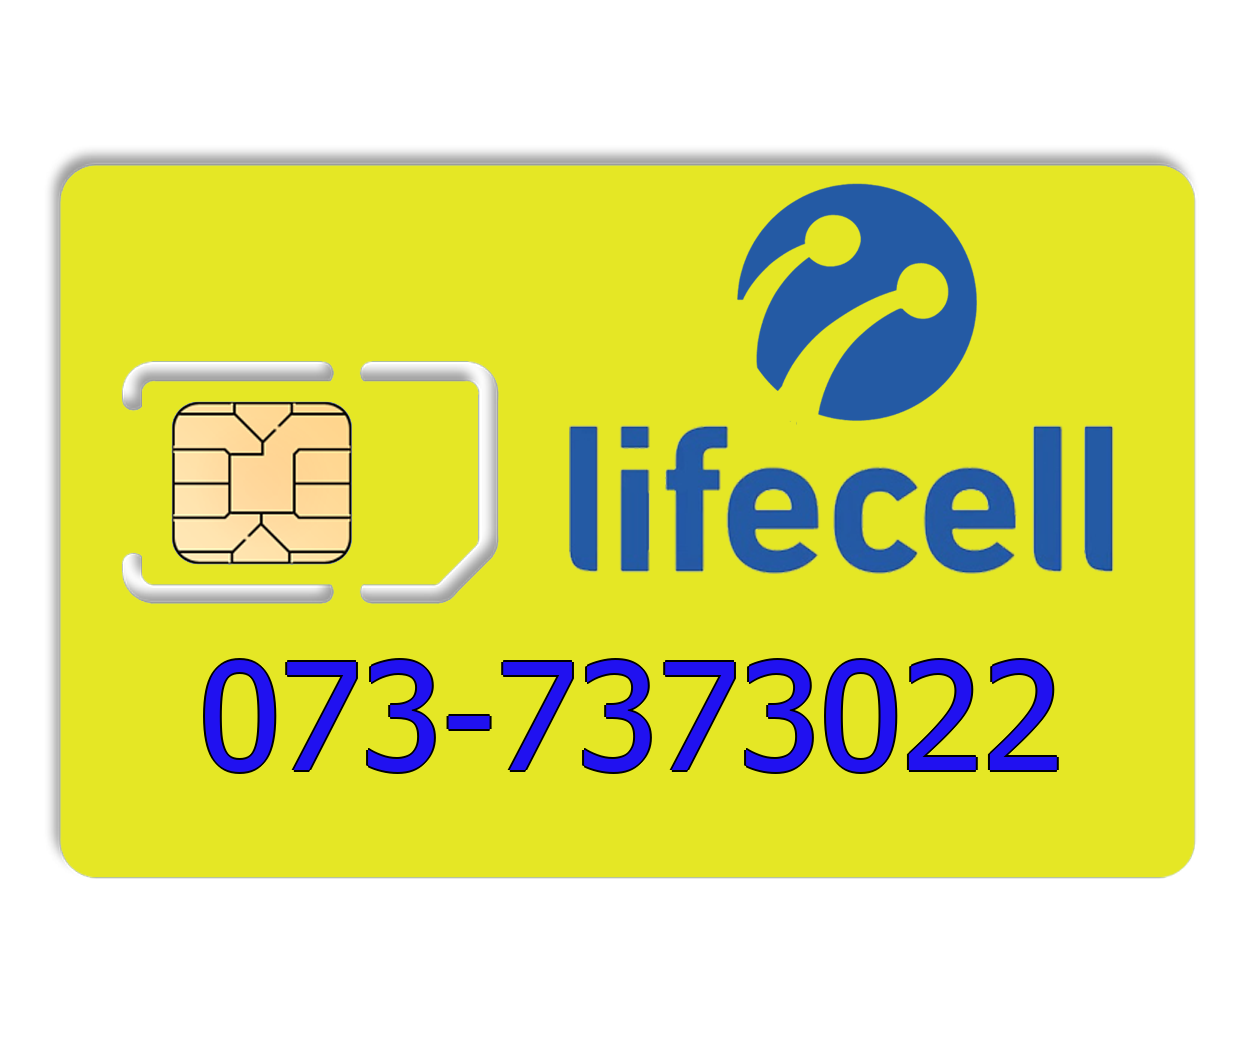 Красивый номер lifecell 073-7373022